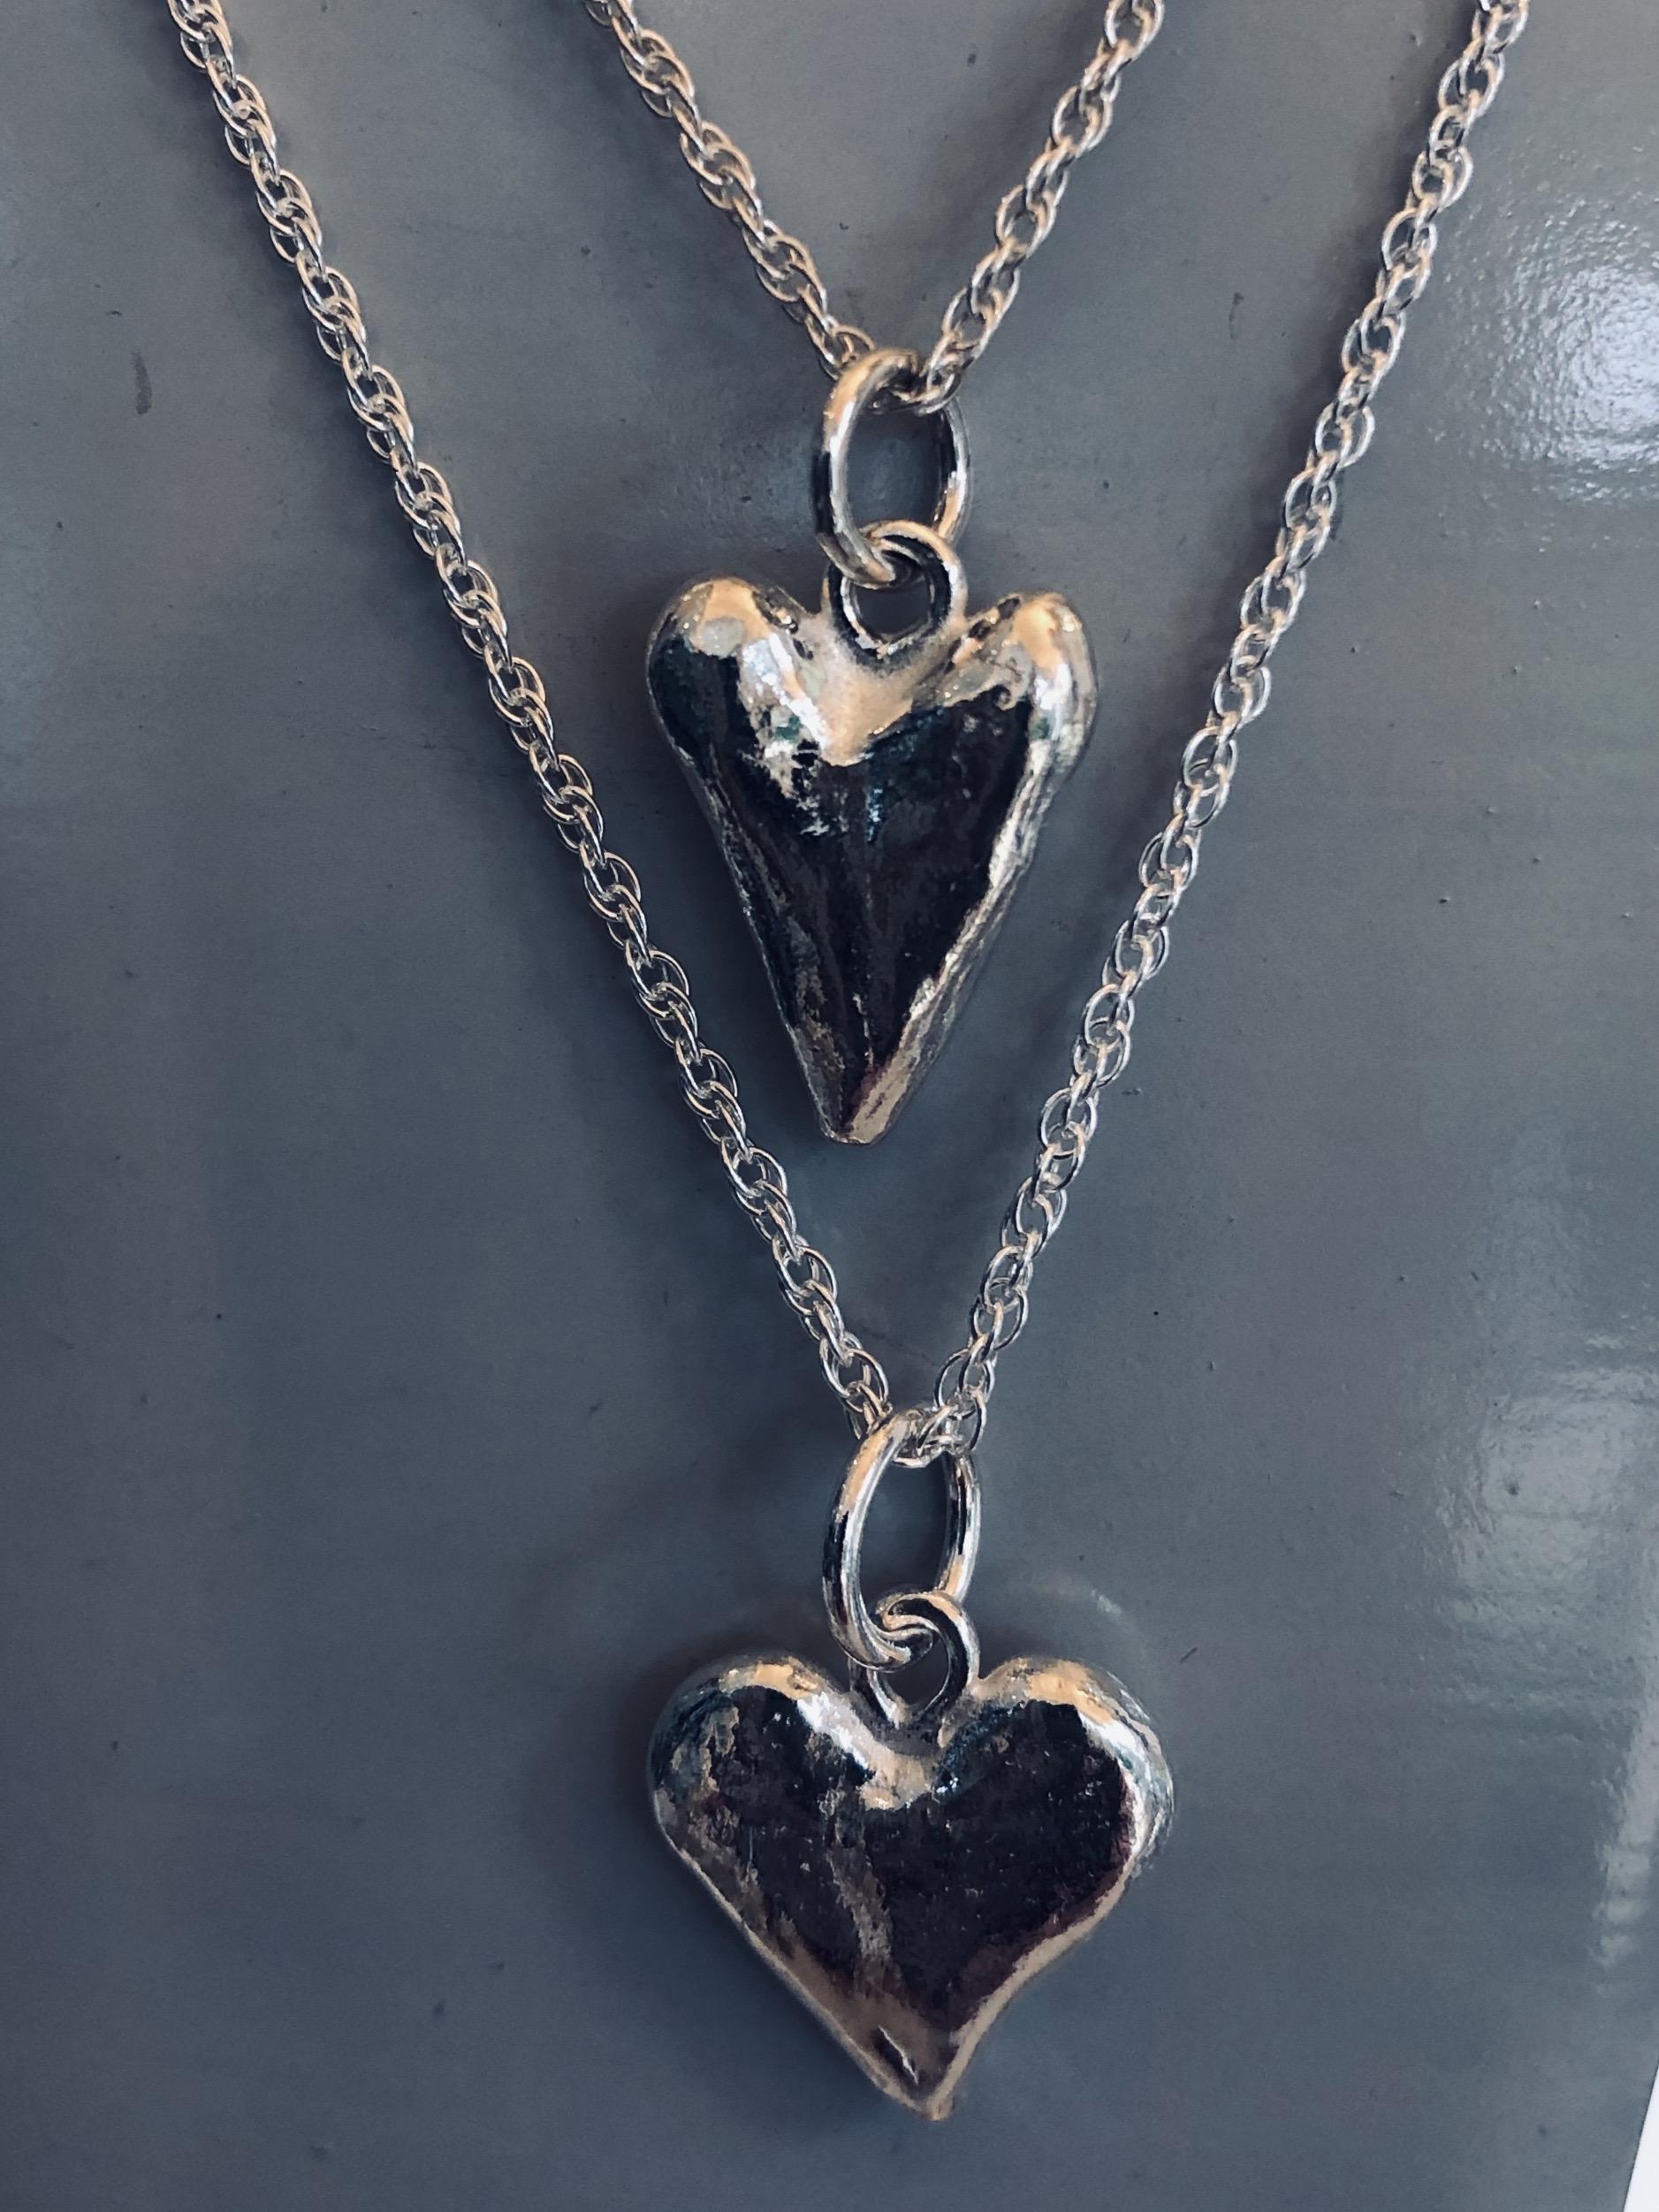 Heart necklase